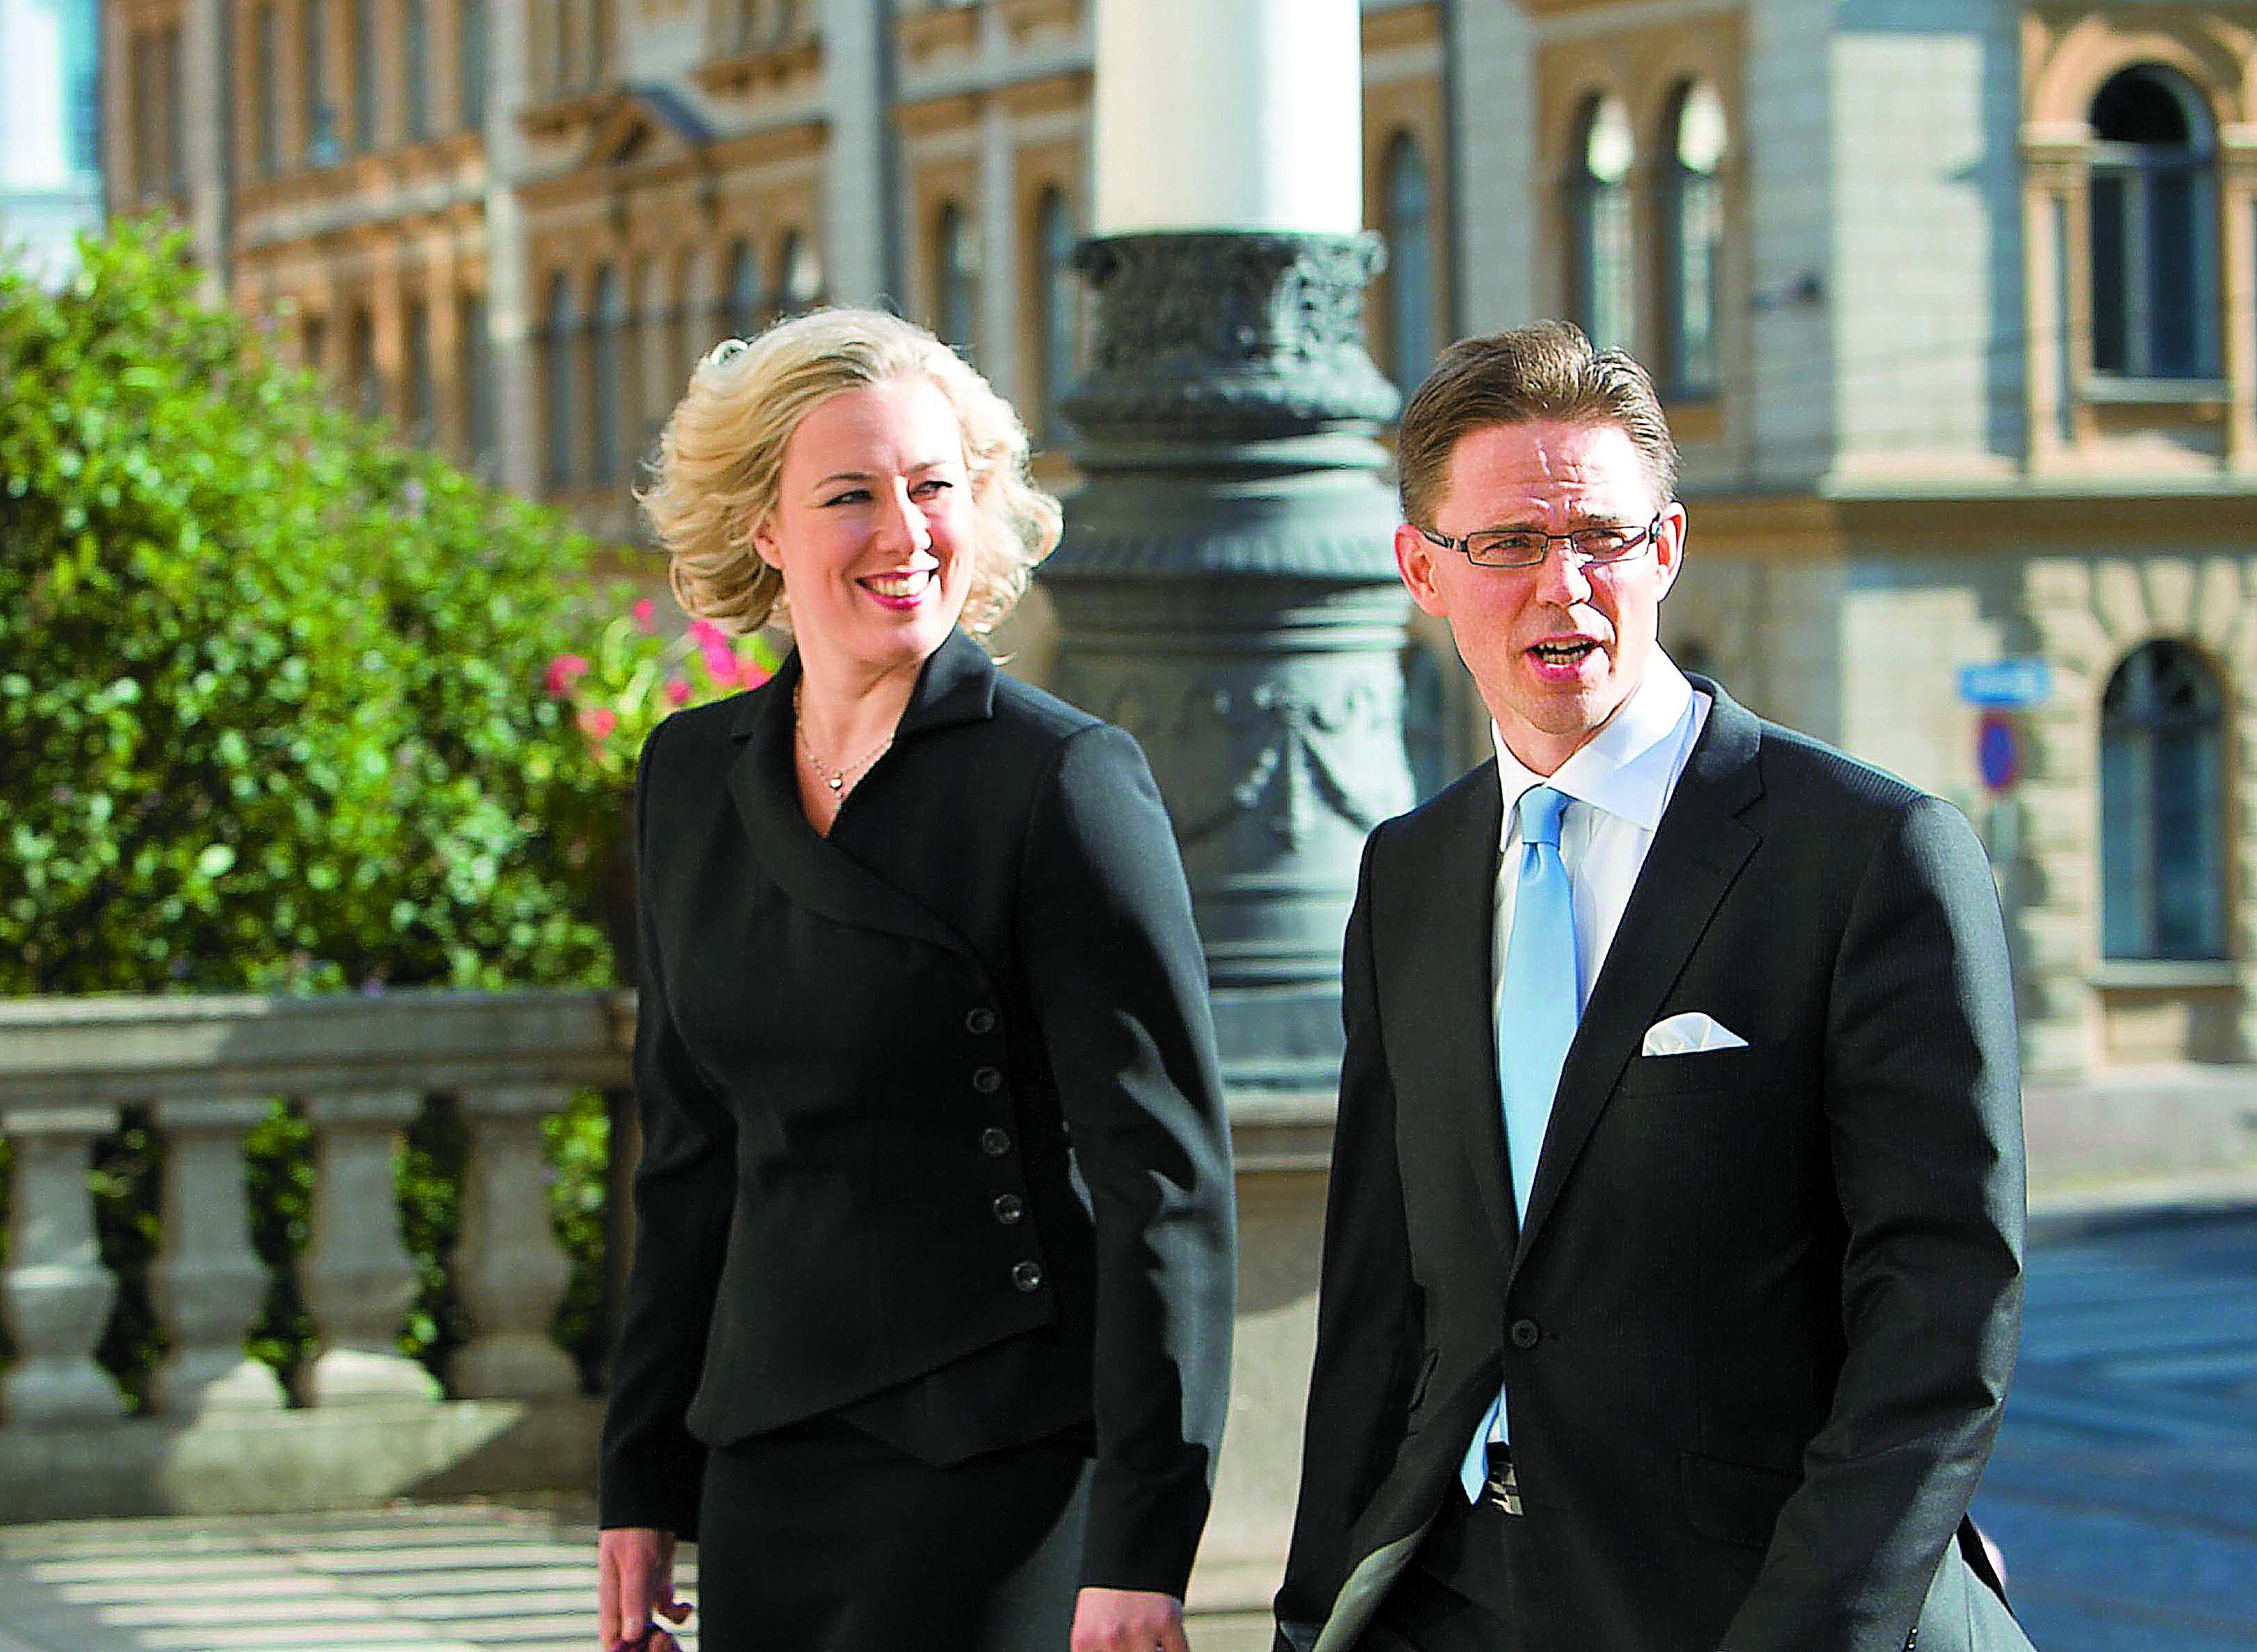 Φινλανδία: «Καλύτερα εκτός ευρώ παρά να πληρώνουμε χρέη άλλων» | tovima.gr